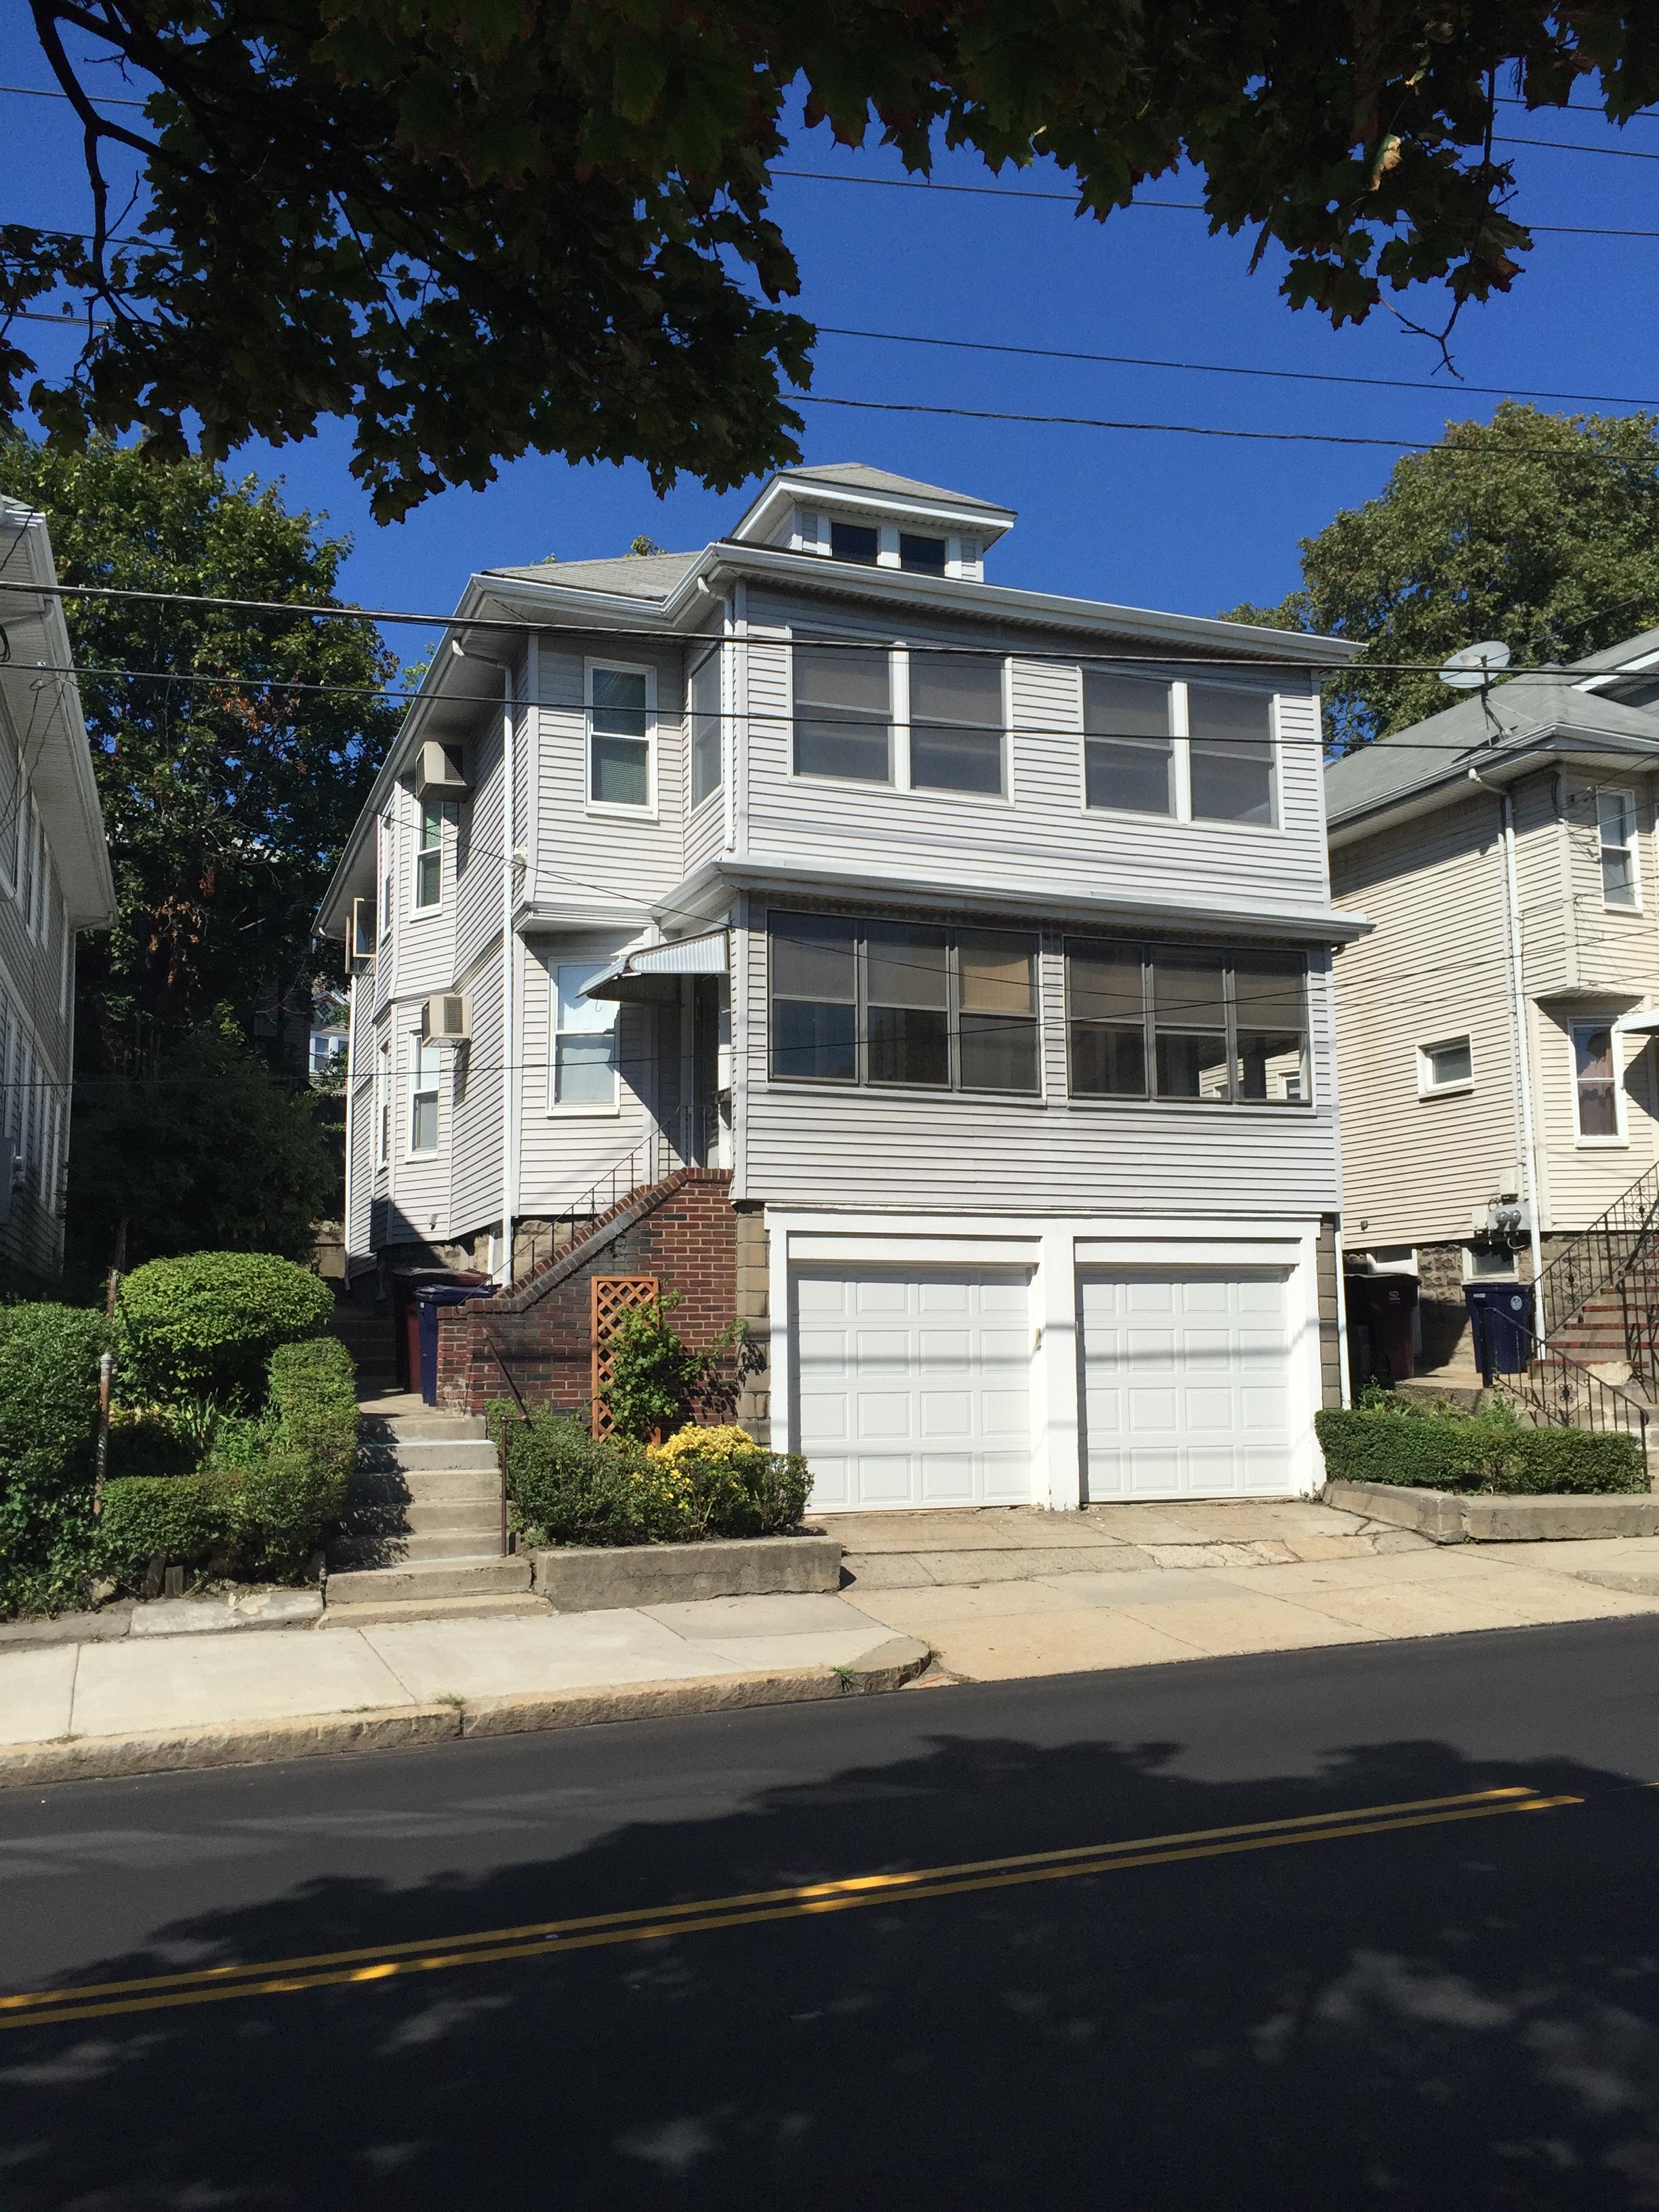 142-144 Elm st, Everett, Massachusetts 02149